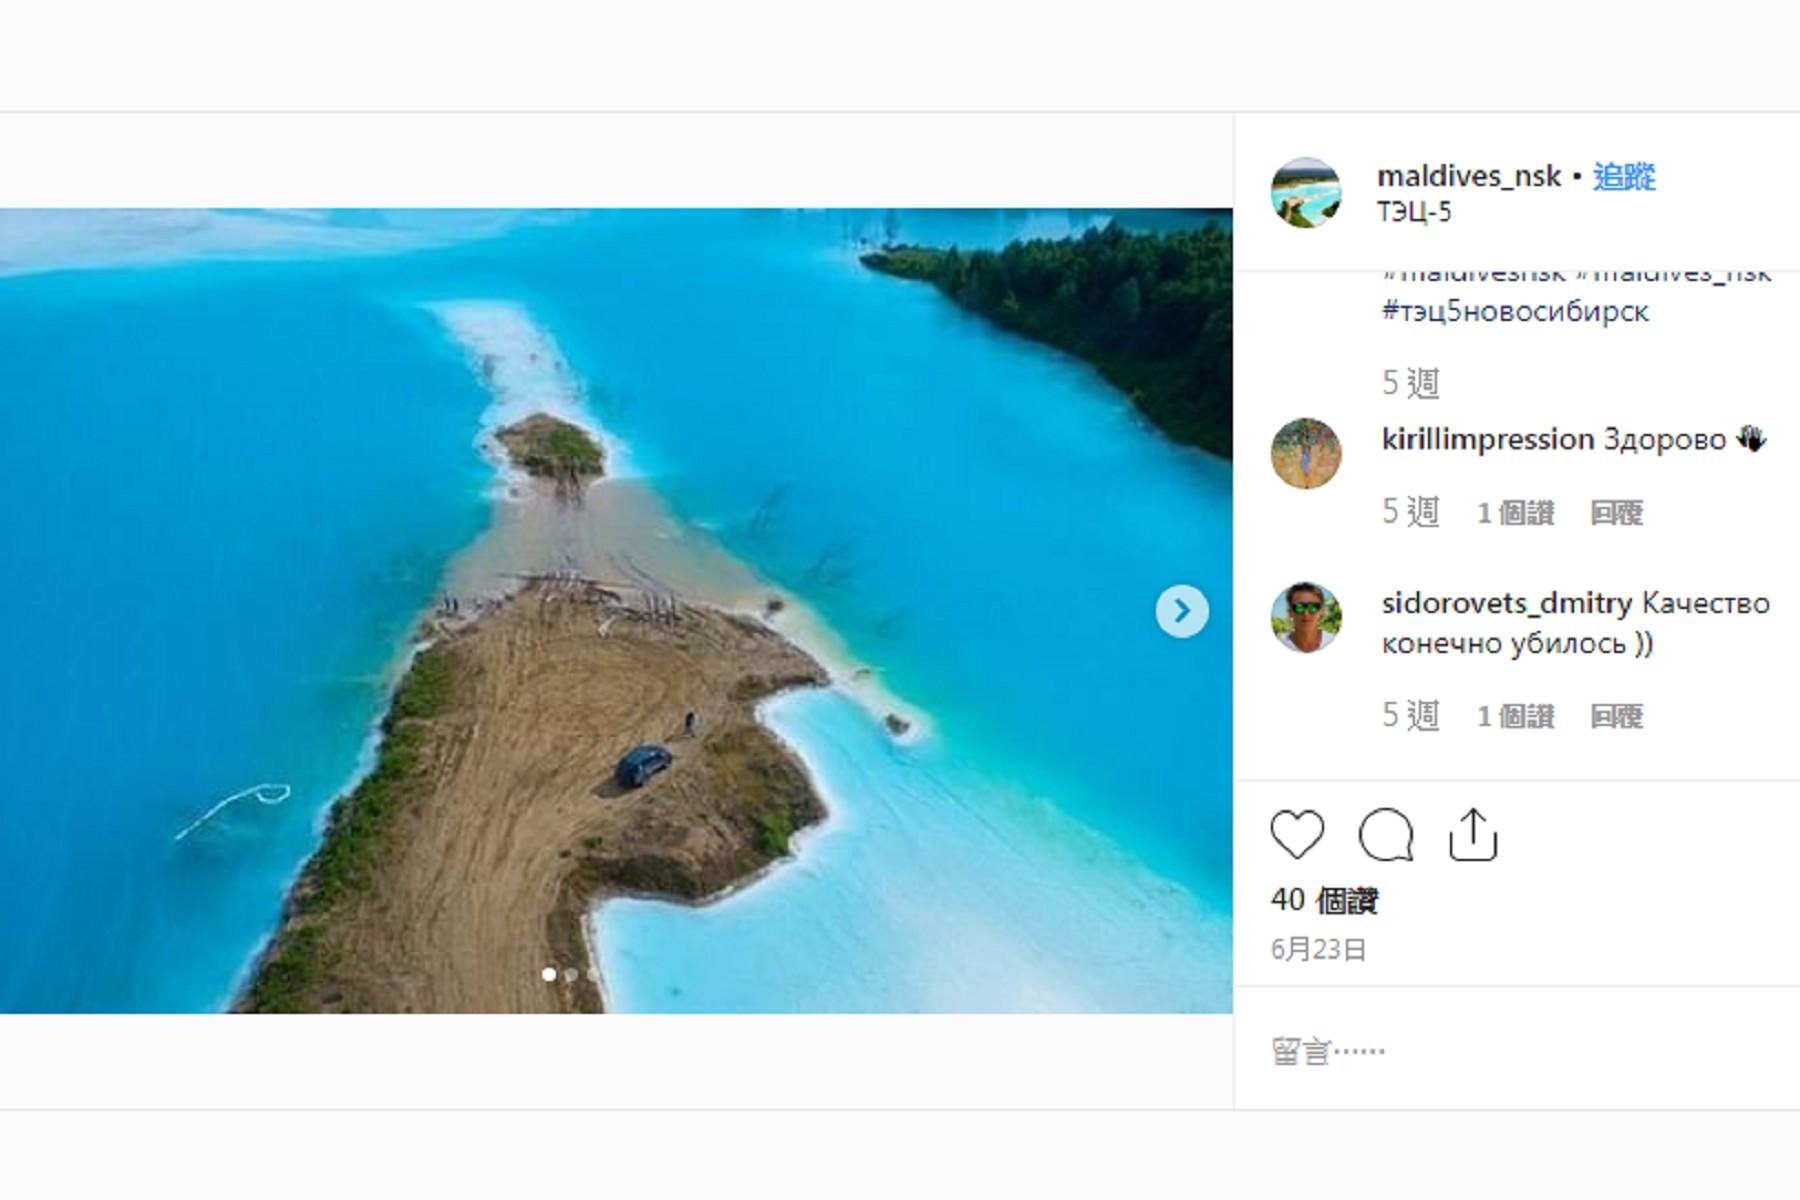 這處湖泊其實是一座化學廢料池。圖/翻攝自Instagram 拍完網美照!皮膚過敏癢翻 「馬爾地夫湖泊」竟有毒